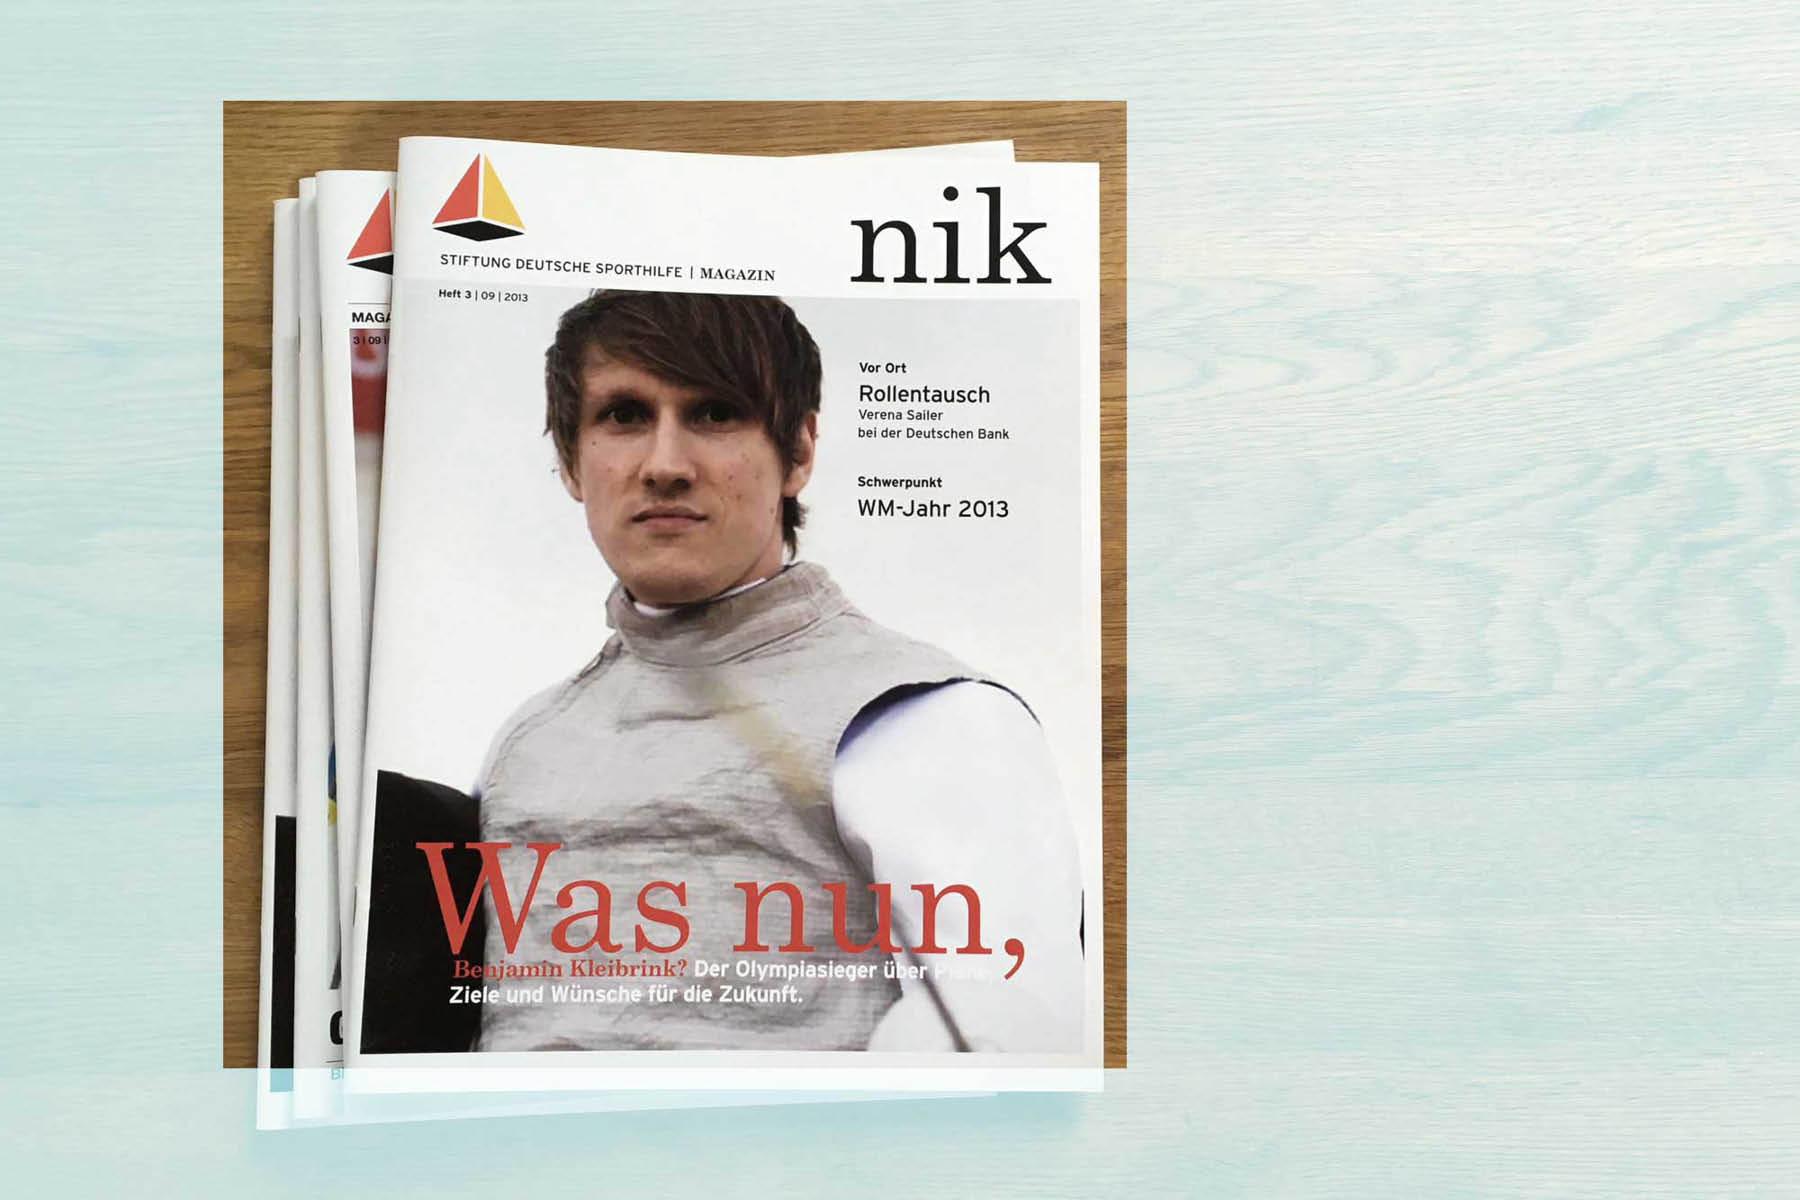 sporthilfemagazin-titel-nik